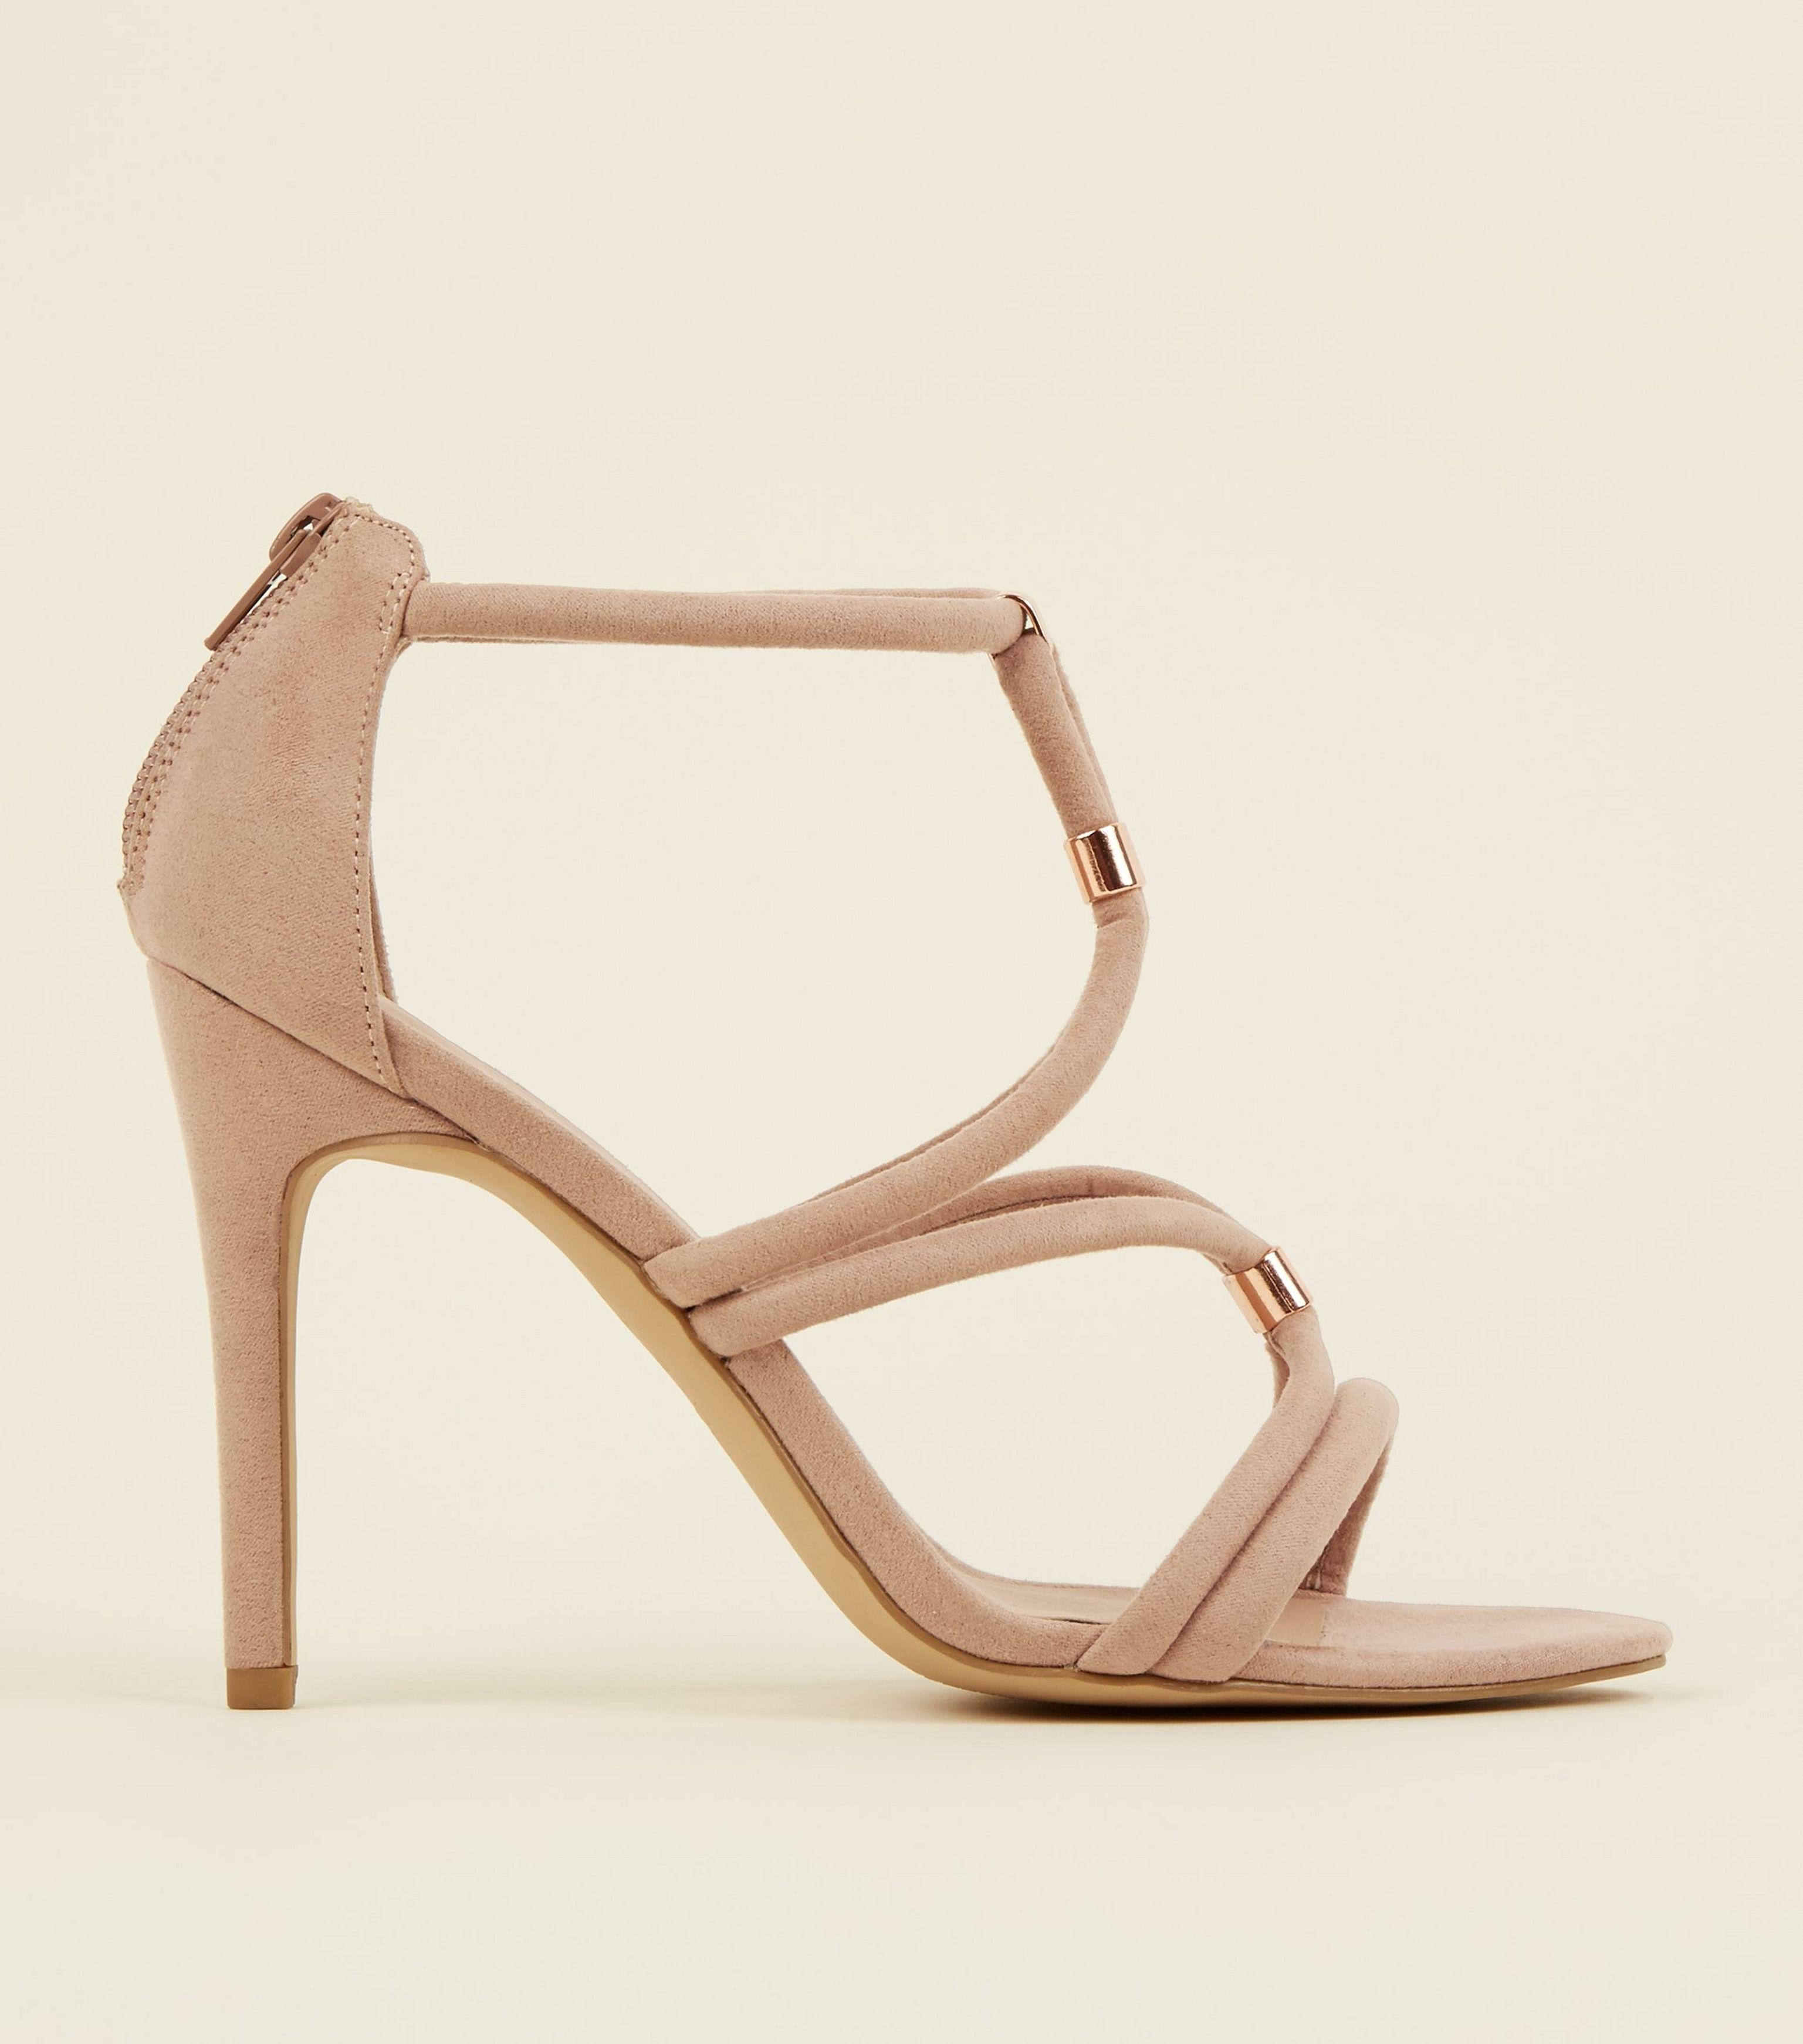 5de758722cbd93 New Look Cream Suedette Metal Tube Strap Stiletto Sandals in Natural ...